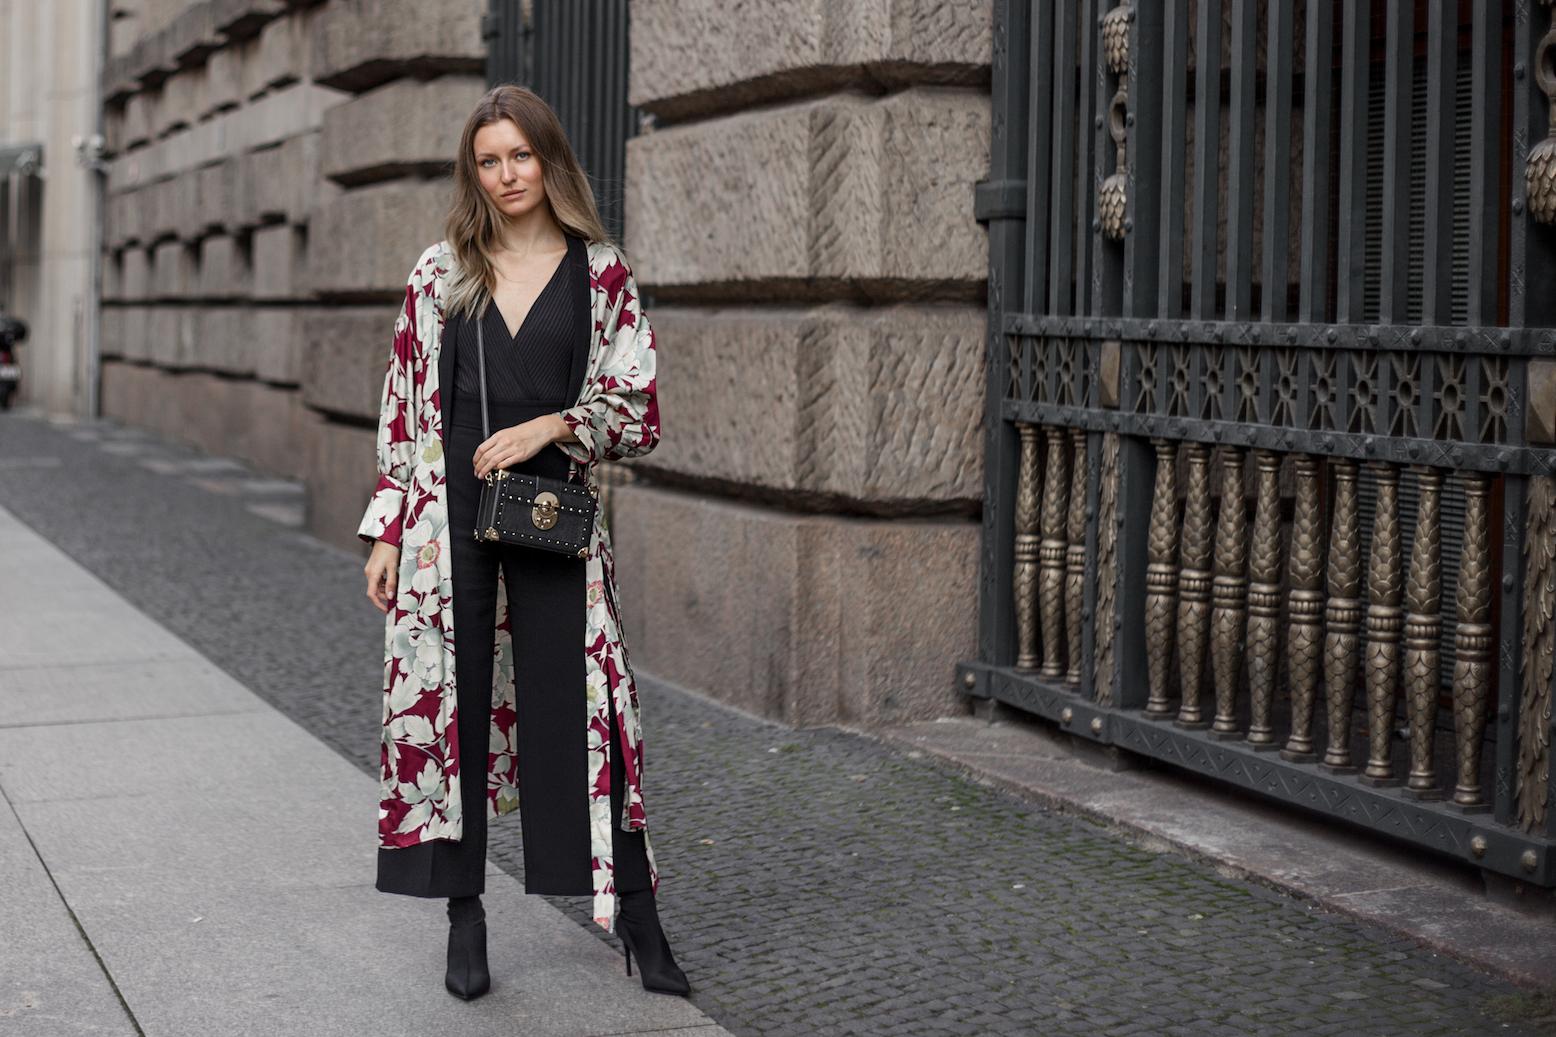 livia-auer-floral-kimono-outfit-IMG_2025